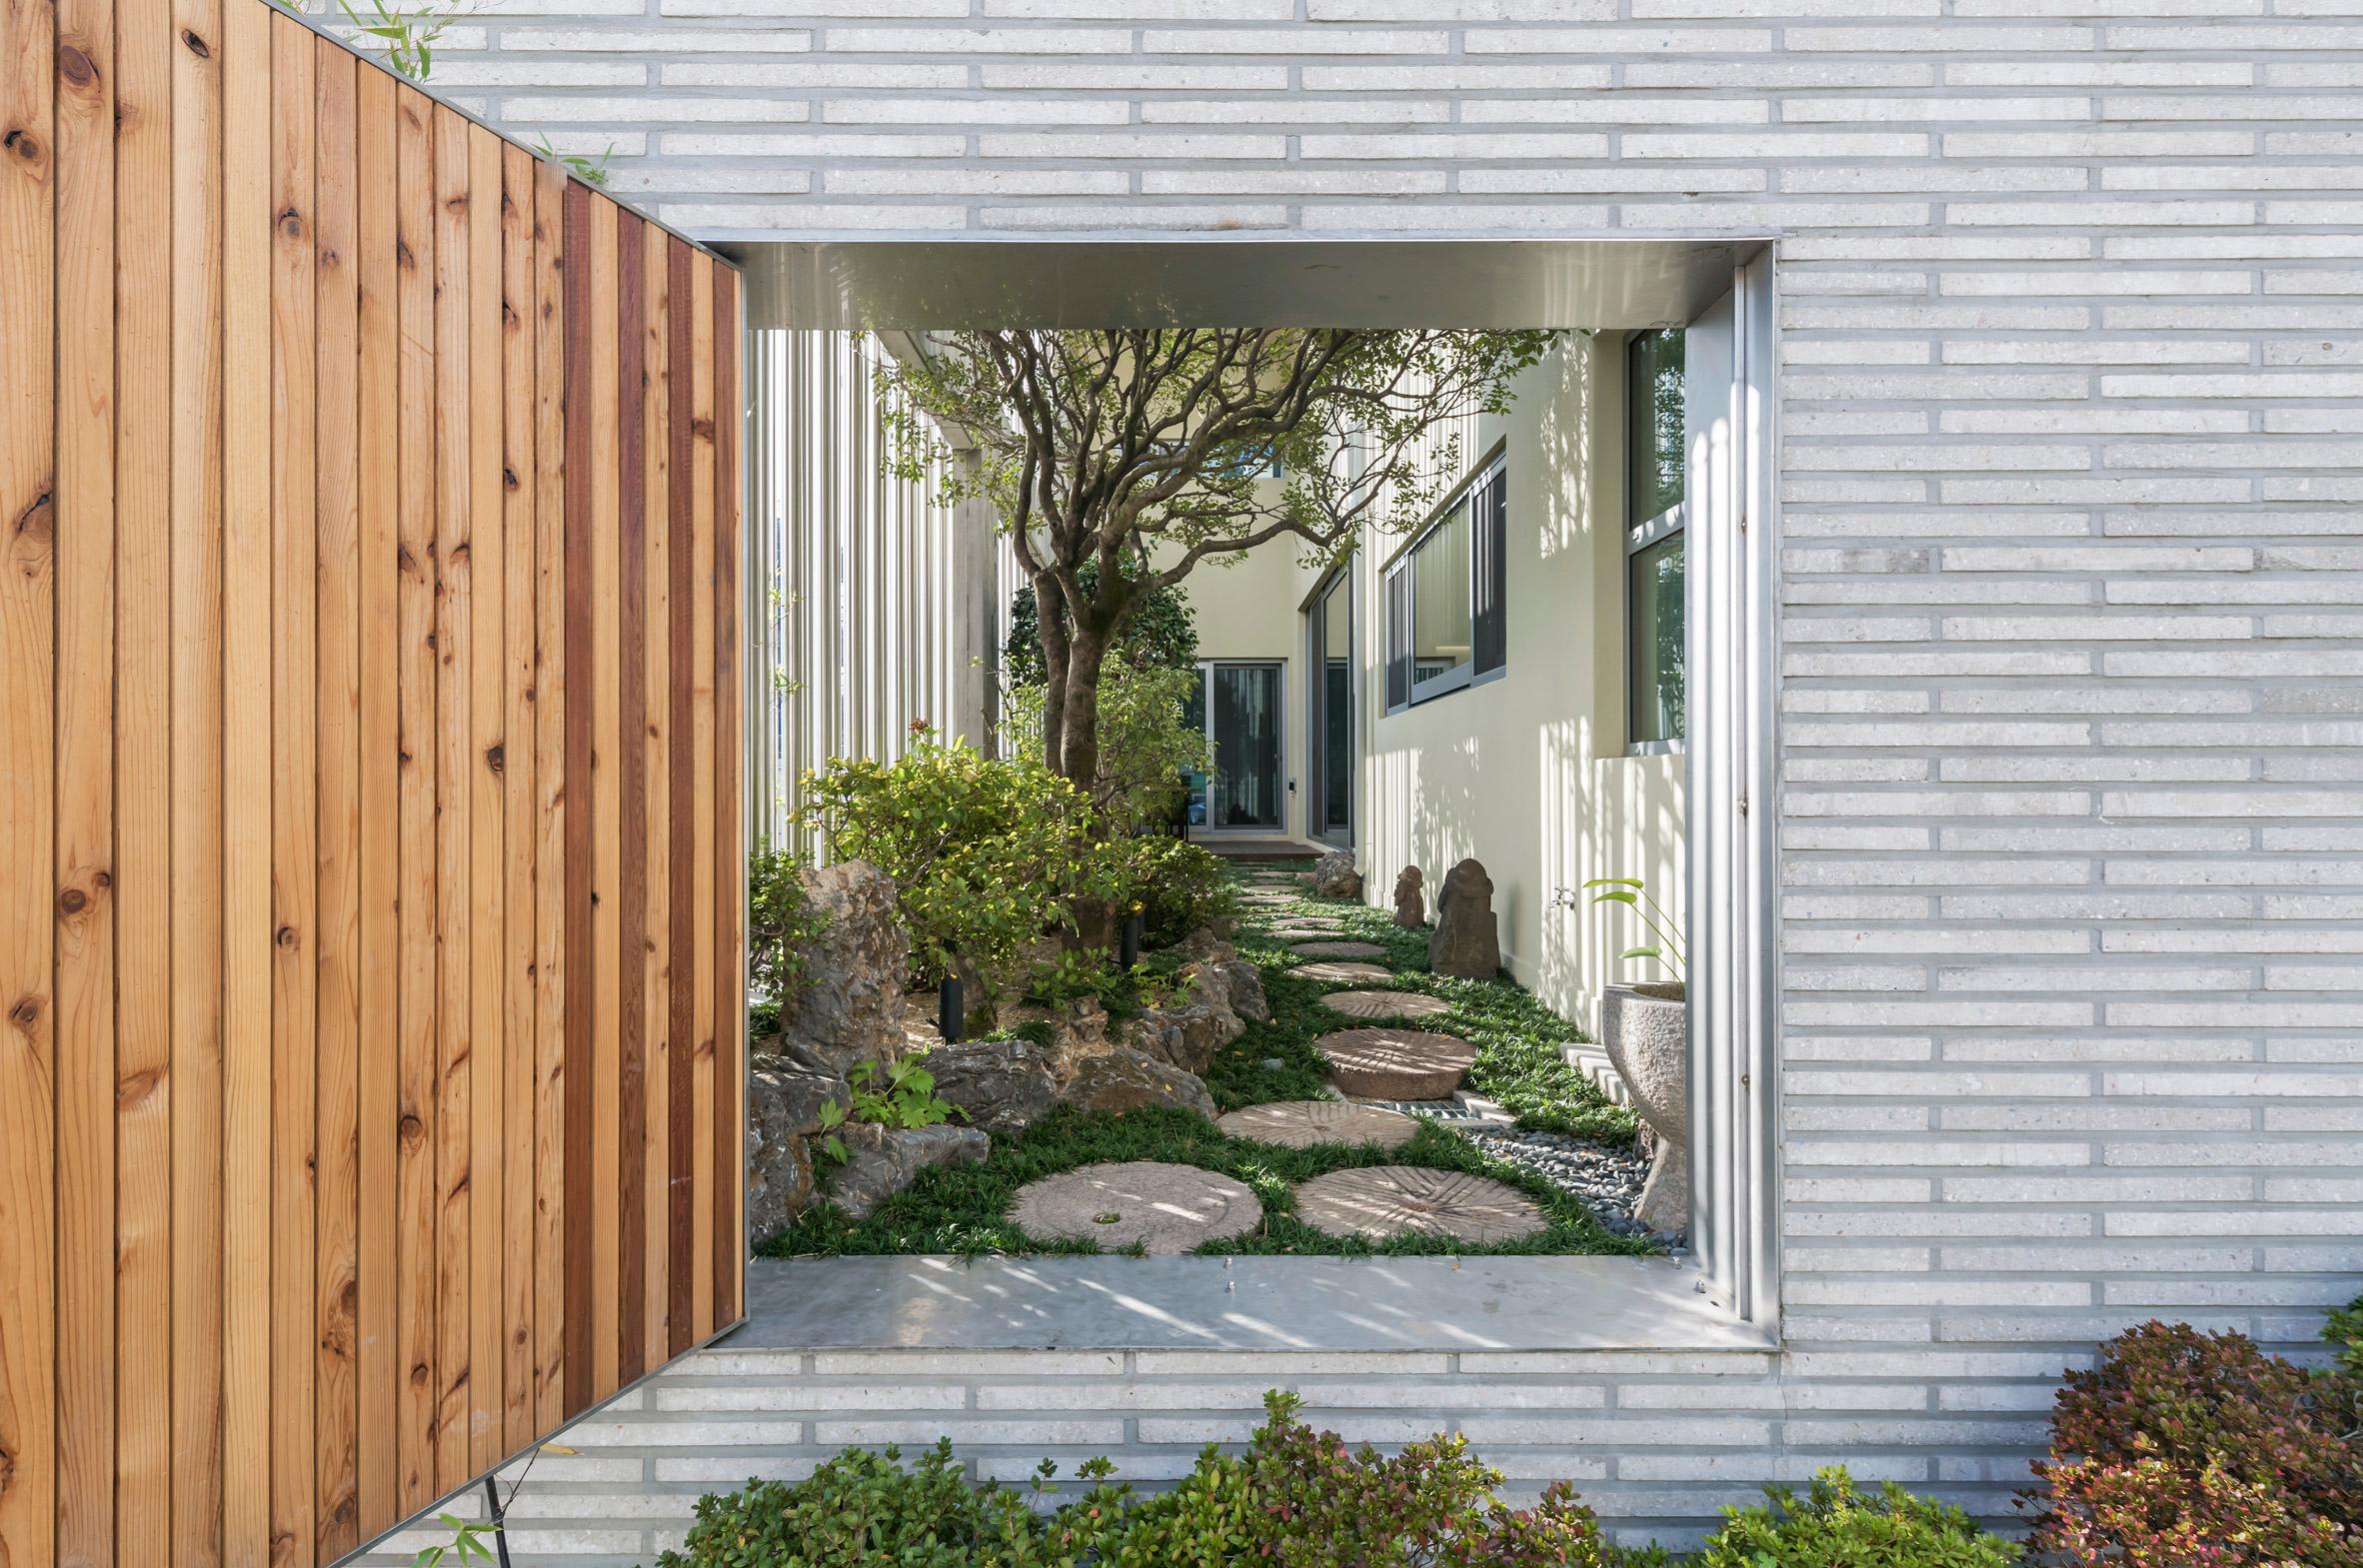 Ngôi nhà độc đáo với những cột thép không gỉ tạo tấm rèm đẹp mắt - Ảnh 2.